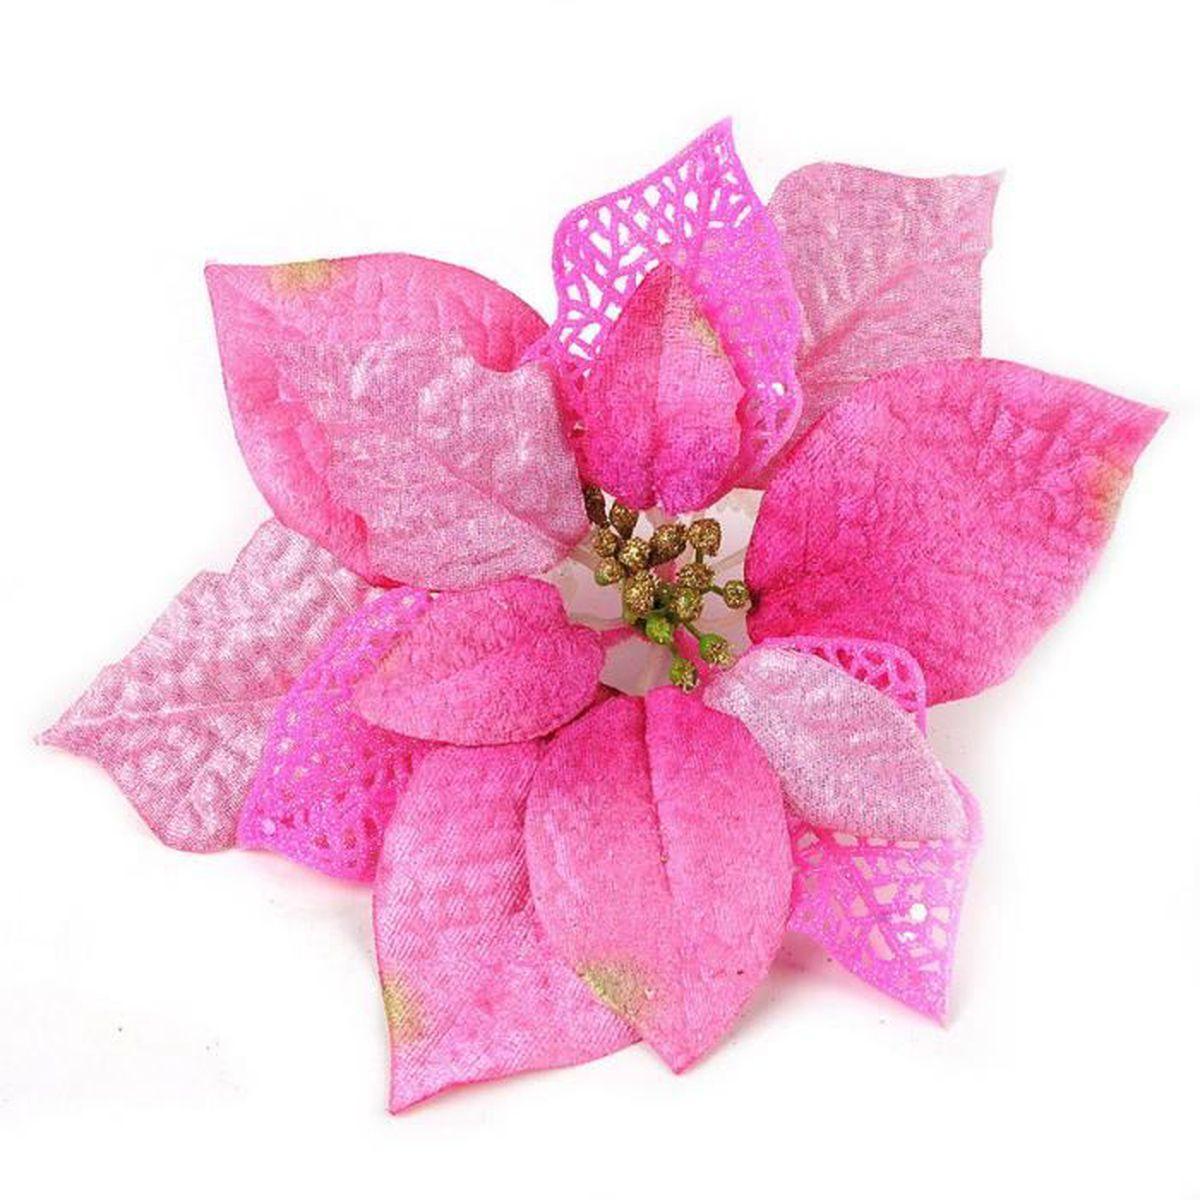 Glitter artificielle mariage fleurs de no l pour decor trois rose non achat - Fleurs artificielles pour mariage ...